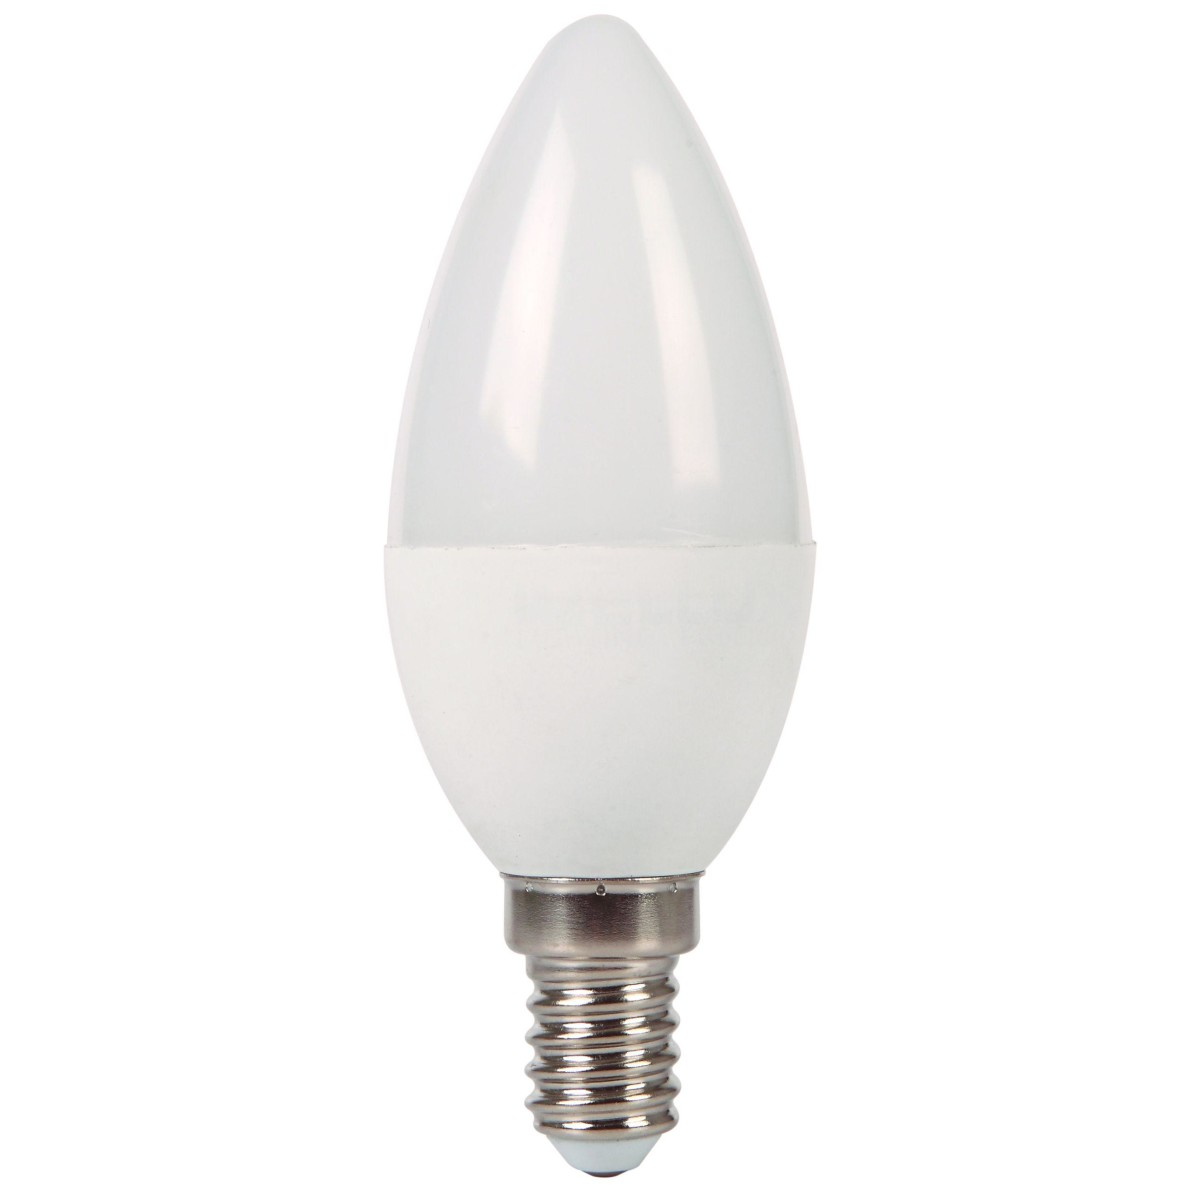 Лампа Ecola light светодионая E14 6 Вт свеча 420 Лм нейтральный свет